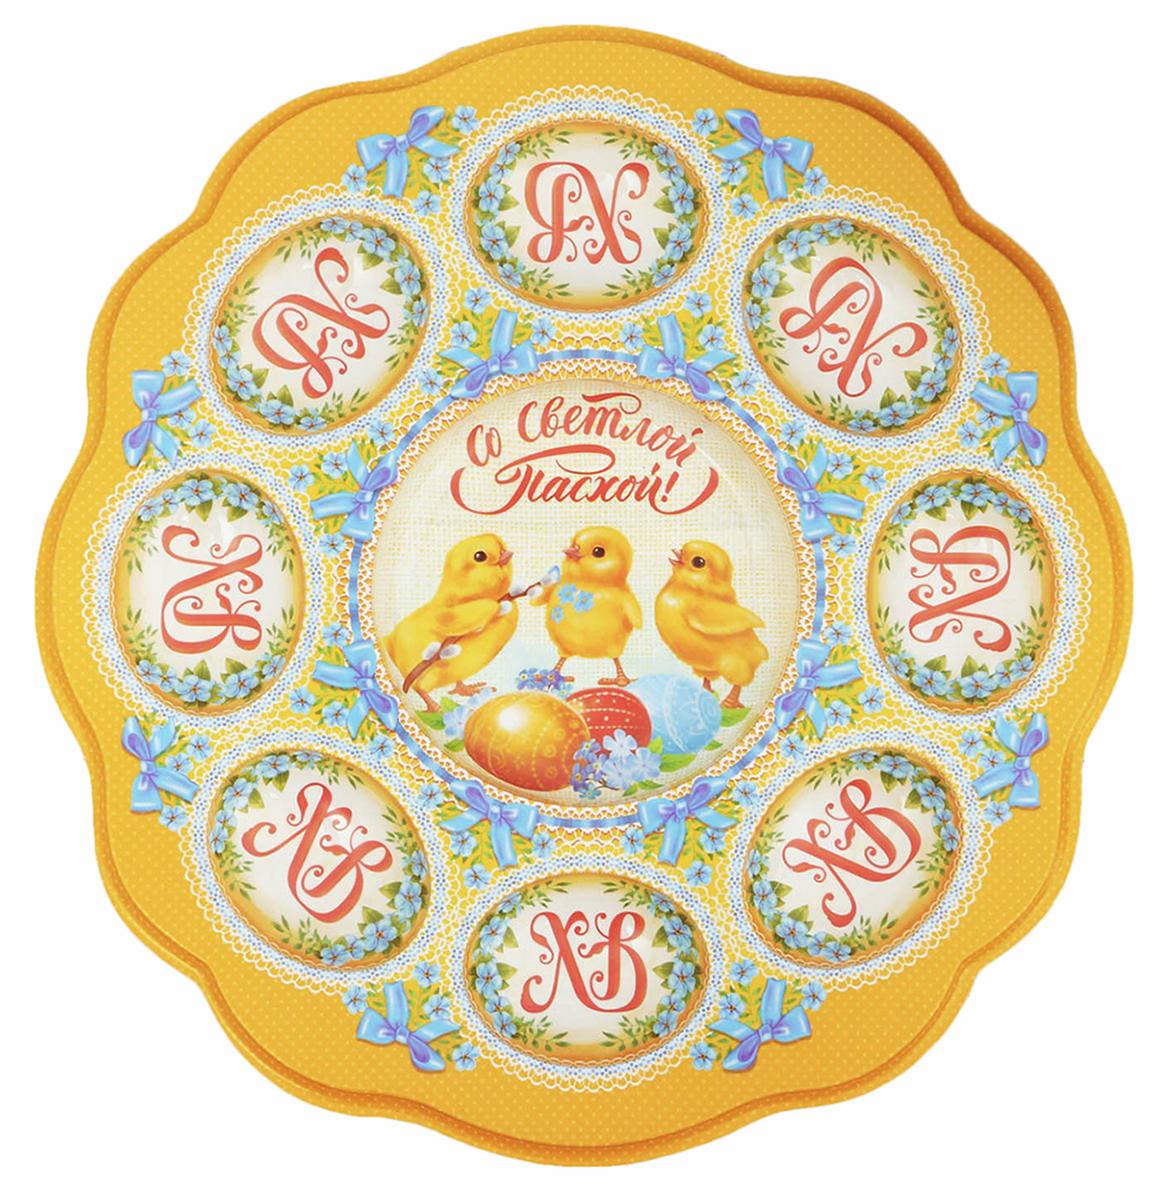 Подставка для яйца Цыплята, на 8 яиц, 24 х 25 см. 2634336 подставка для яйца городетская на 8 яиц и кулич 24 х 25 см 1653890